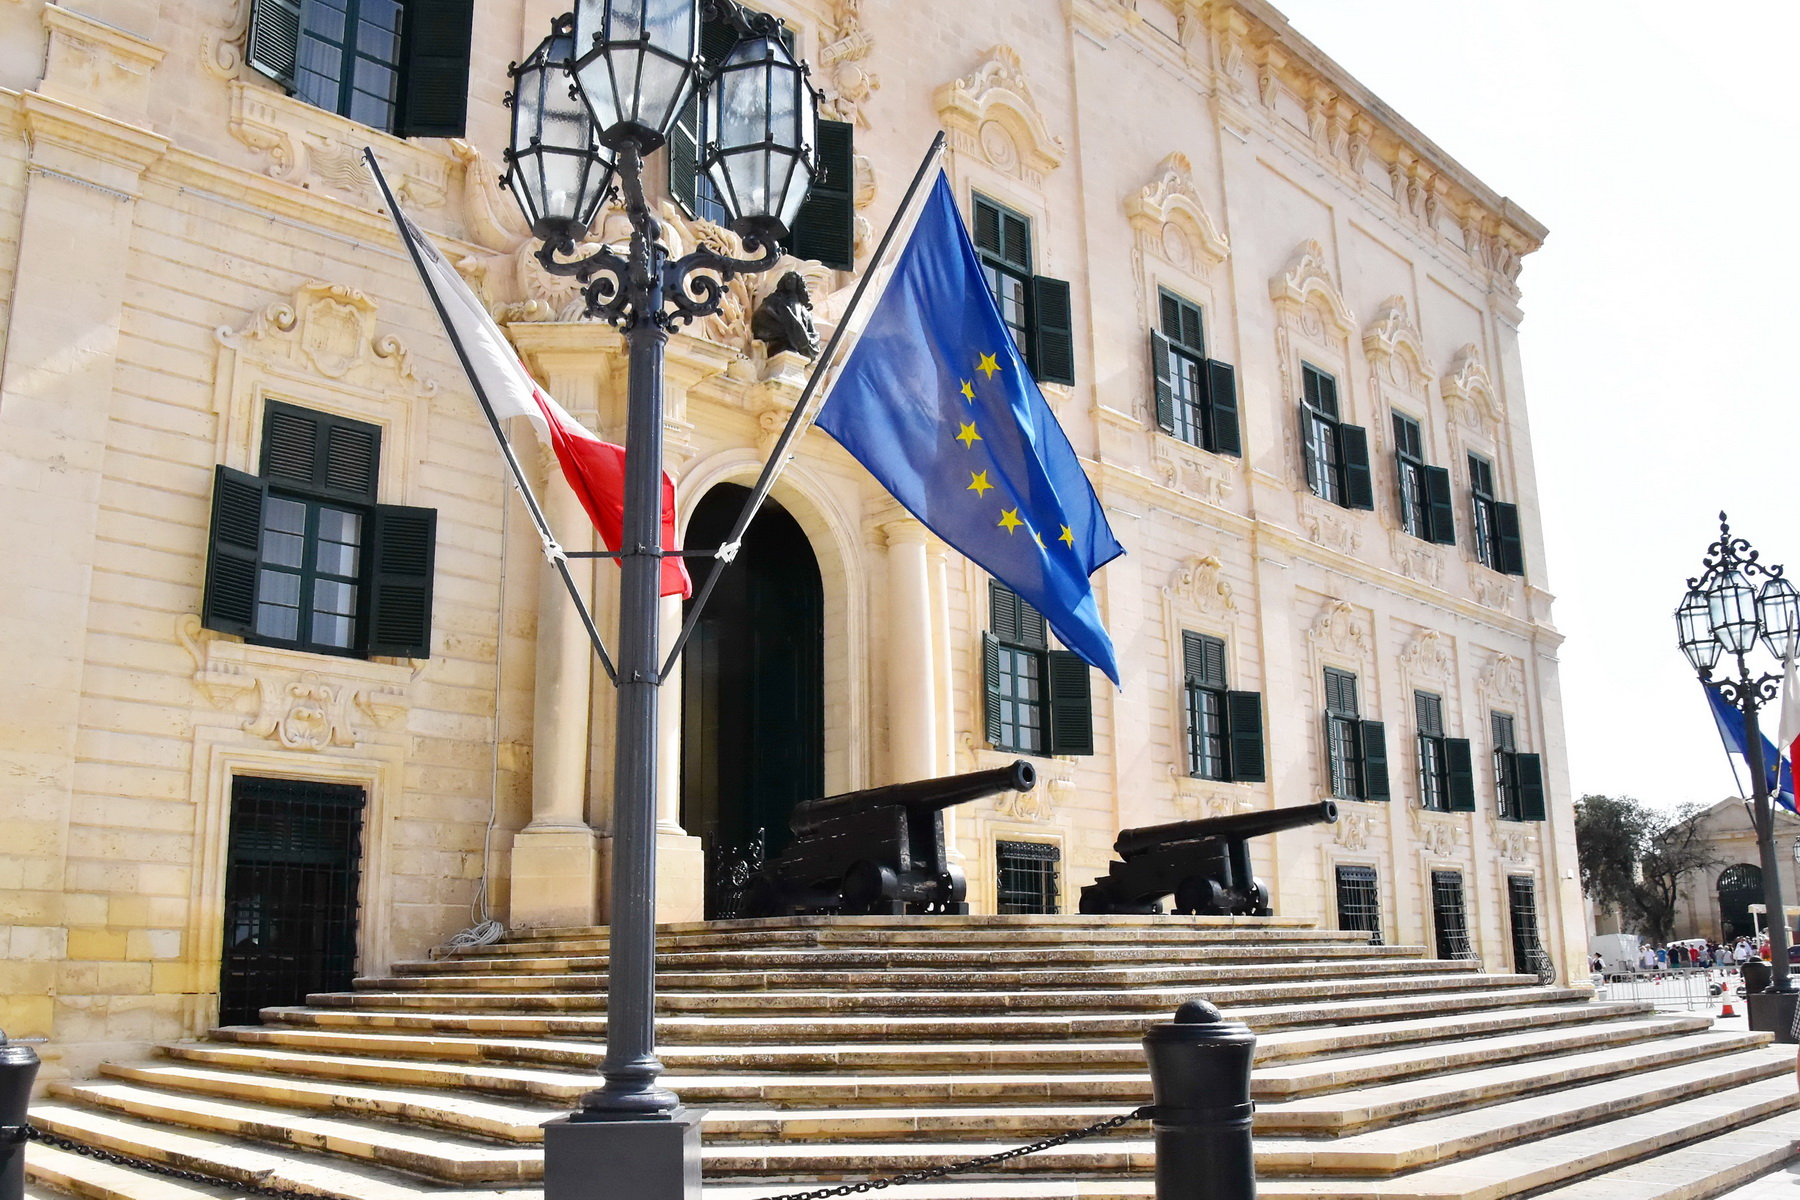 וולטה הבירה - בית ראש הממשלה